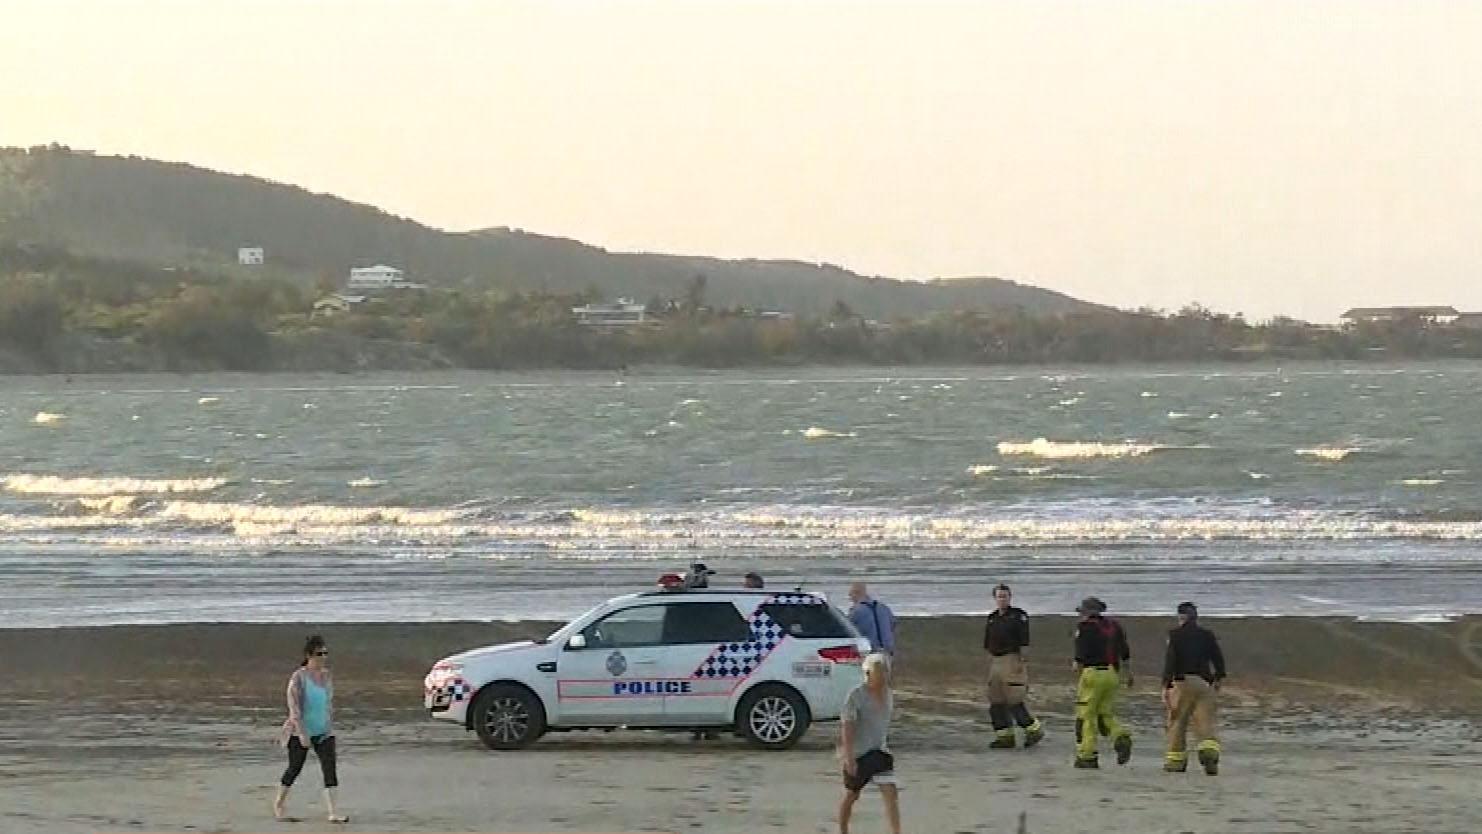 Woman drowns, boy taken to hospital as precaution